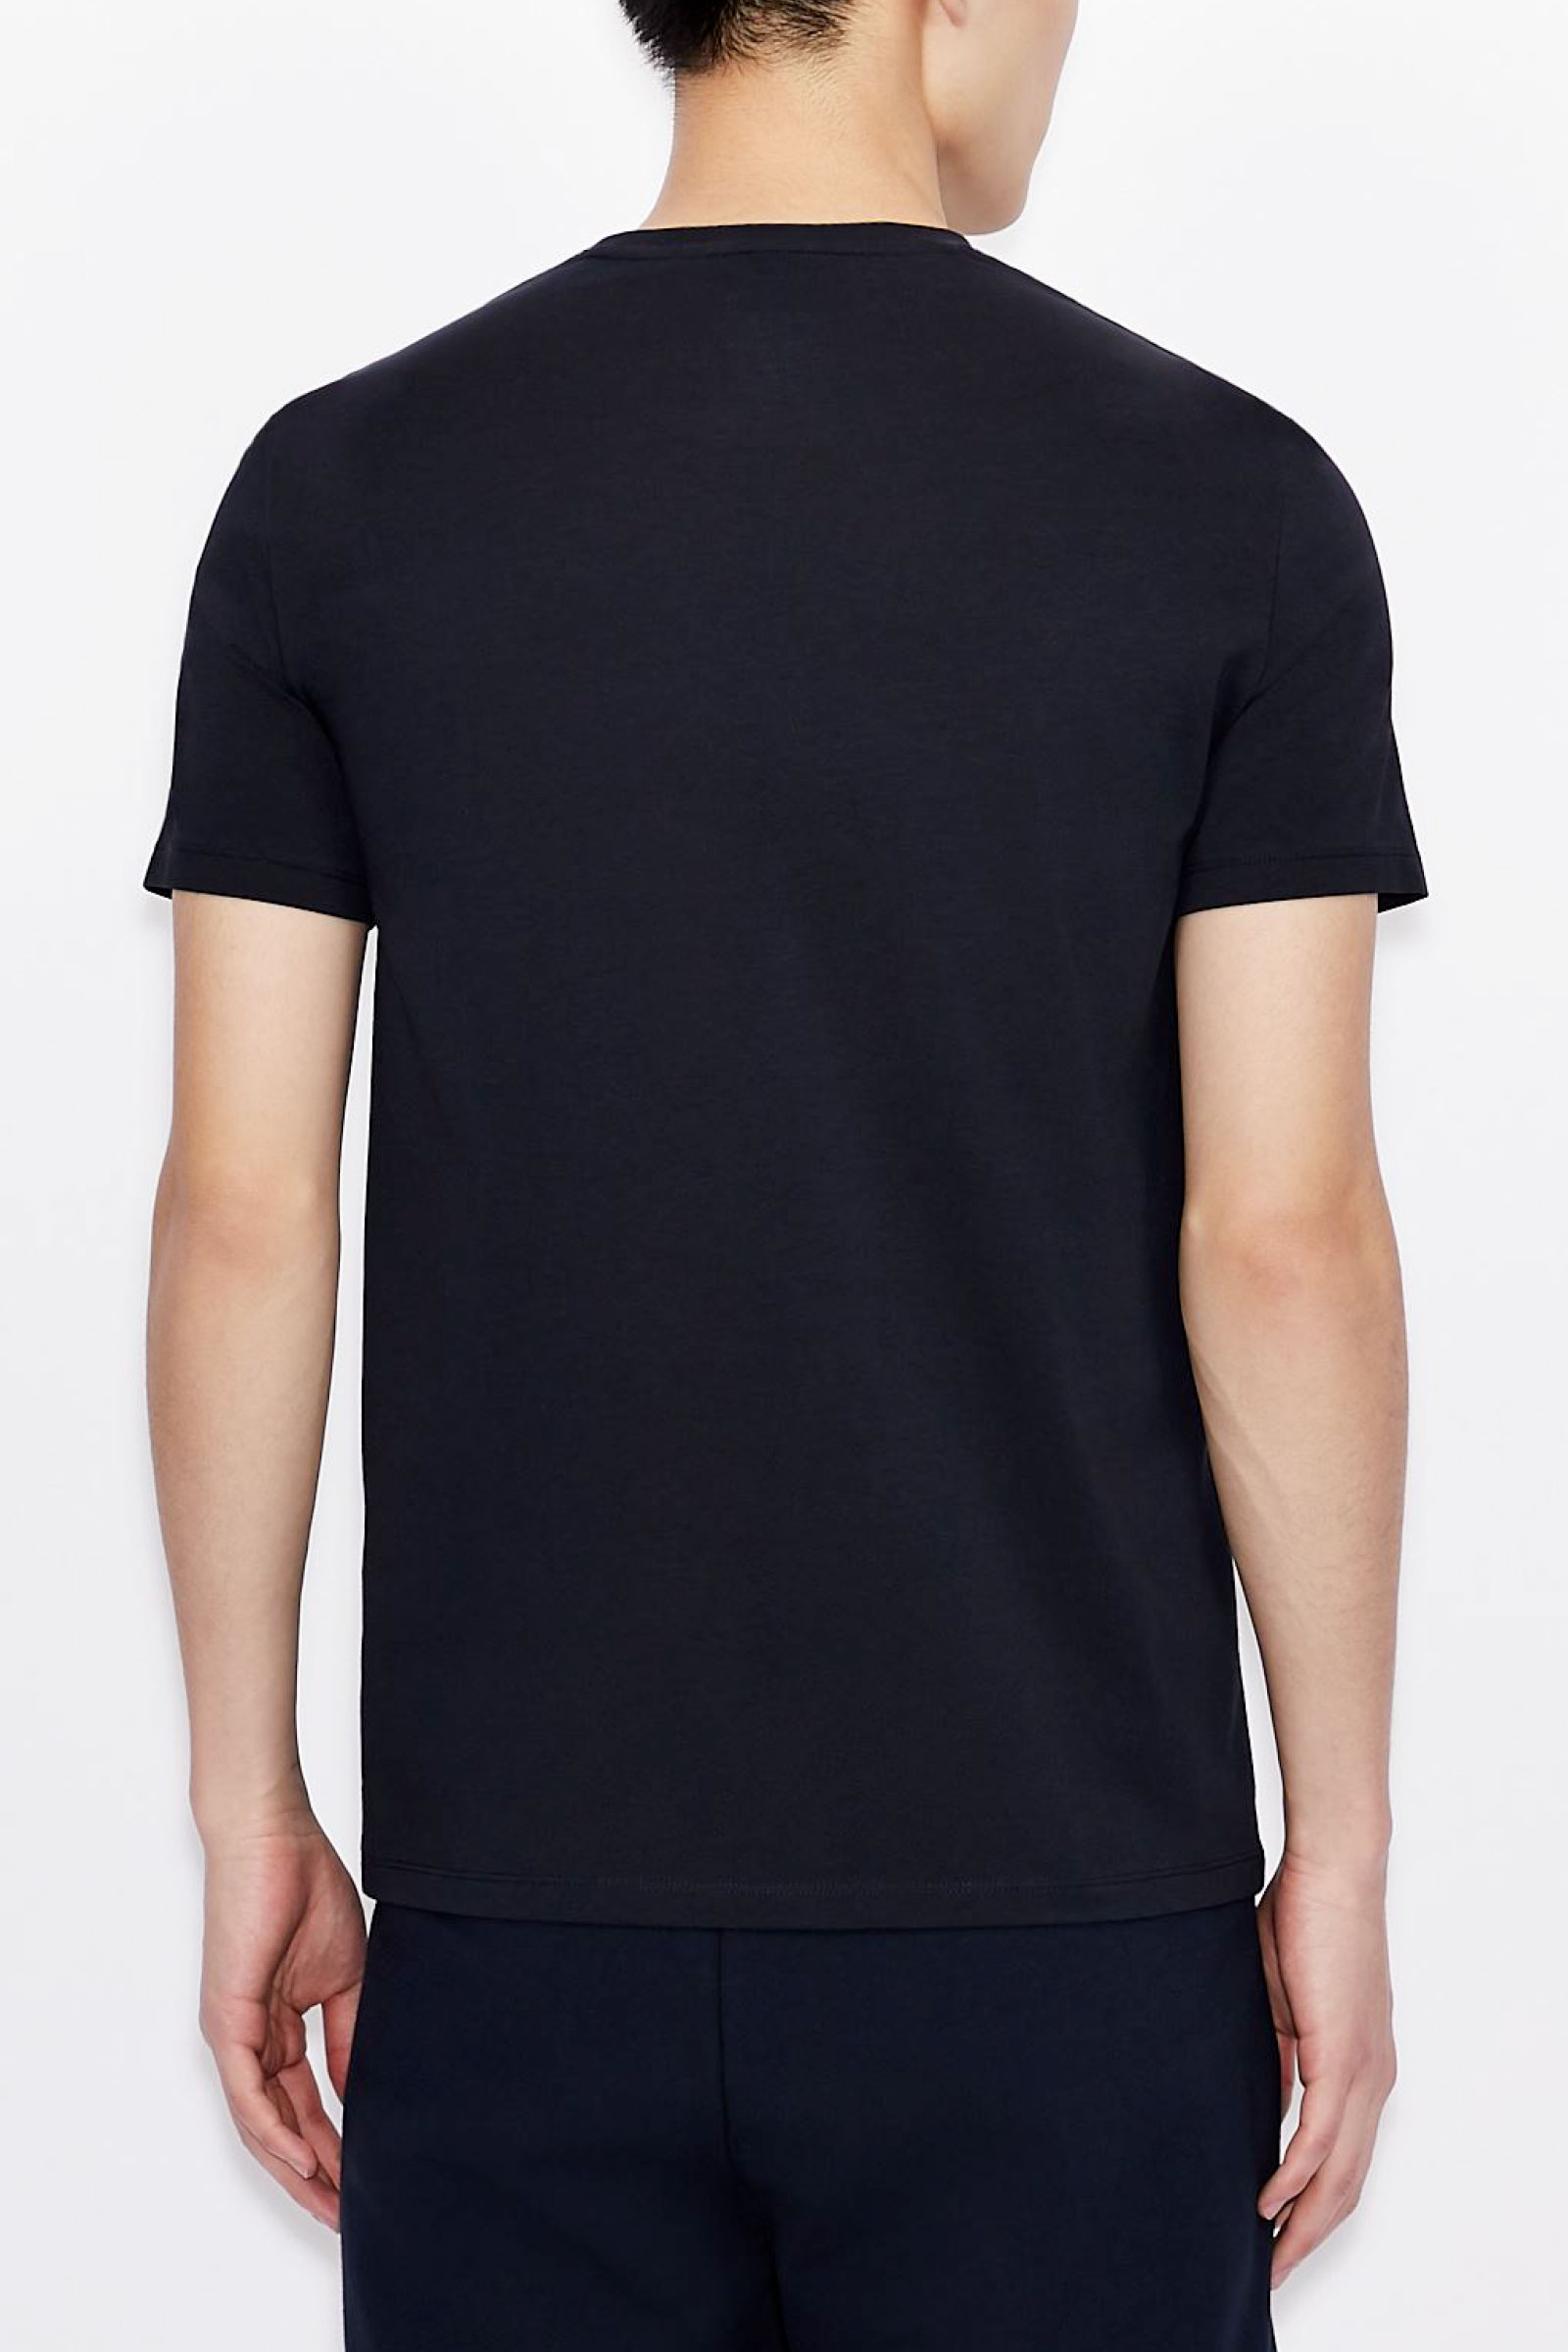 ARMANI EXCHANGE T-Shirt Uomo ARMANI EXCHANGE | T-Shirt | 3KZTFA ZJE6Z1510